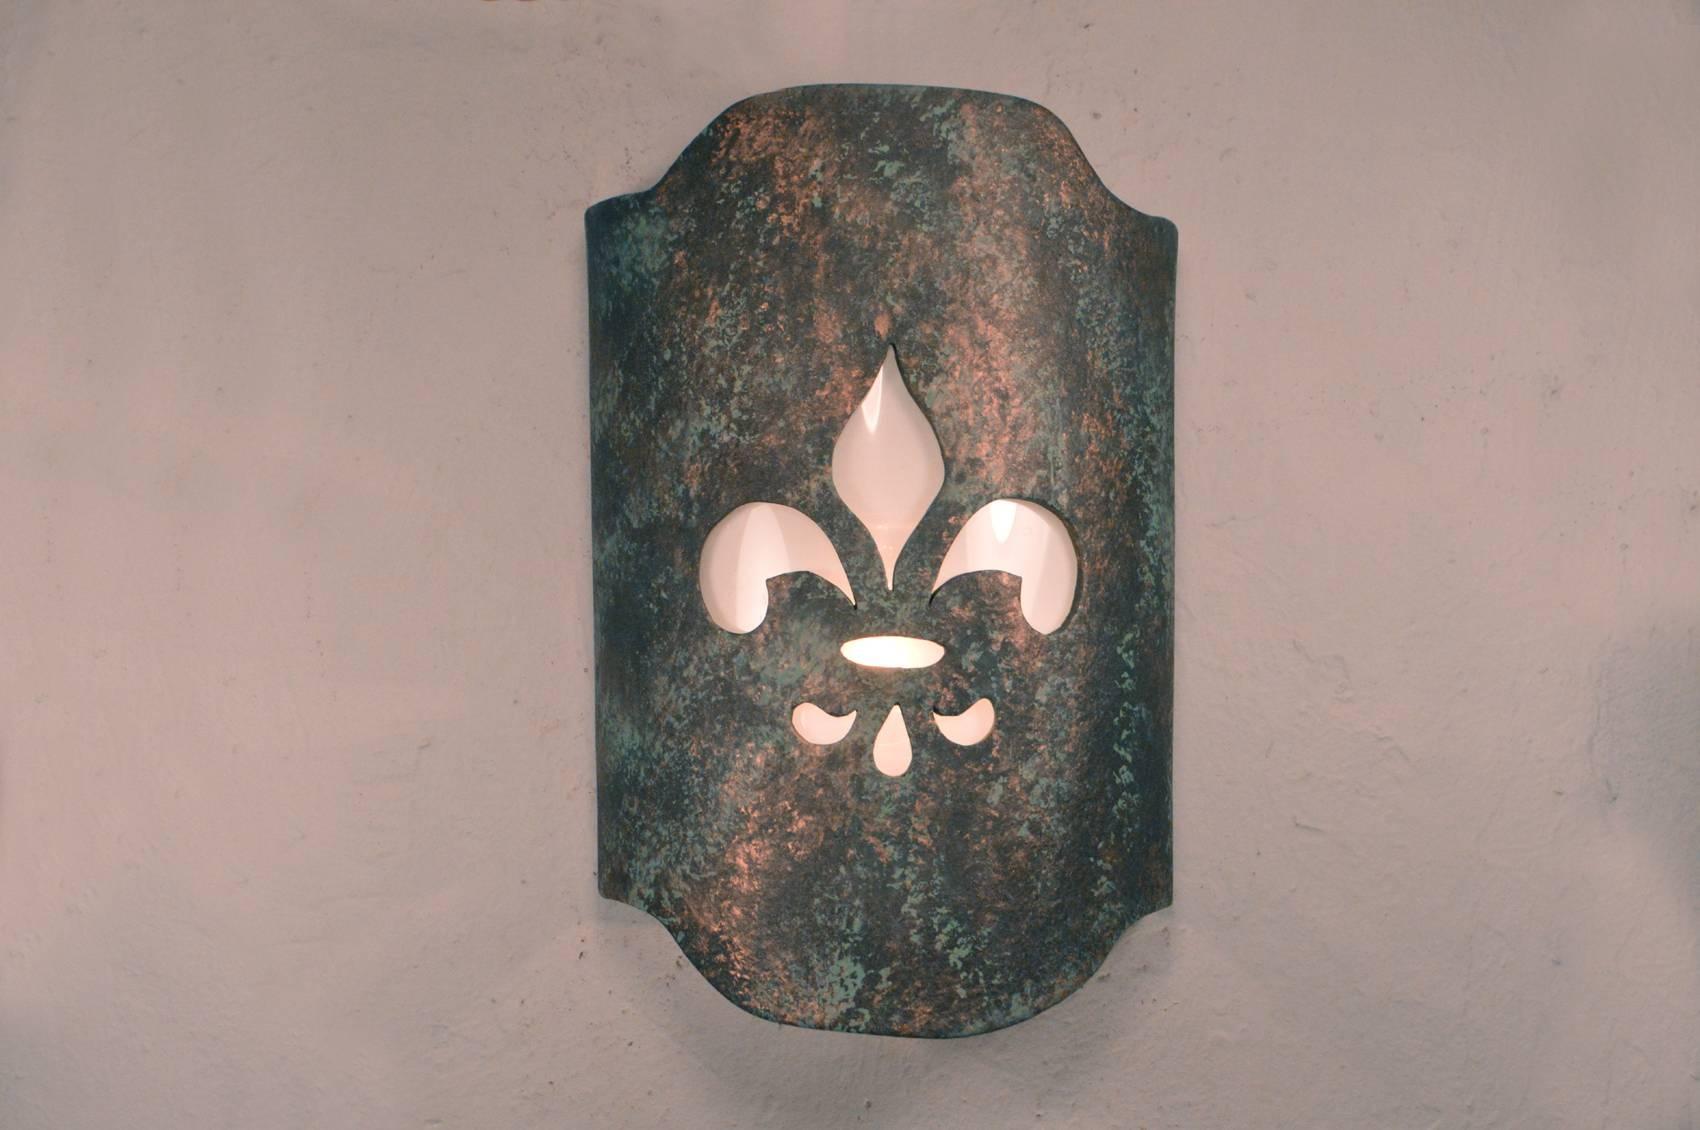 Fleur De Lis Design In Moss Agate Copper-Indoor/outdoor for Fleur De Lis Lights Fixtures (Image 7 of 15)